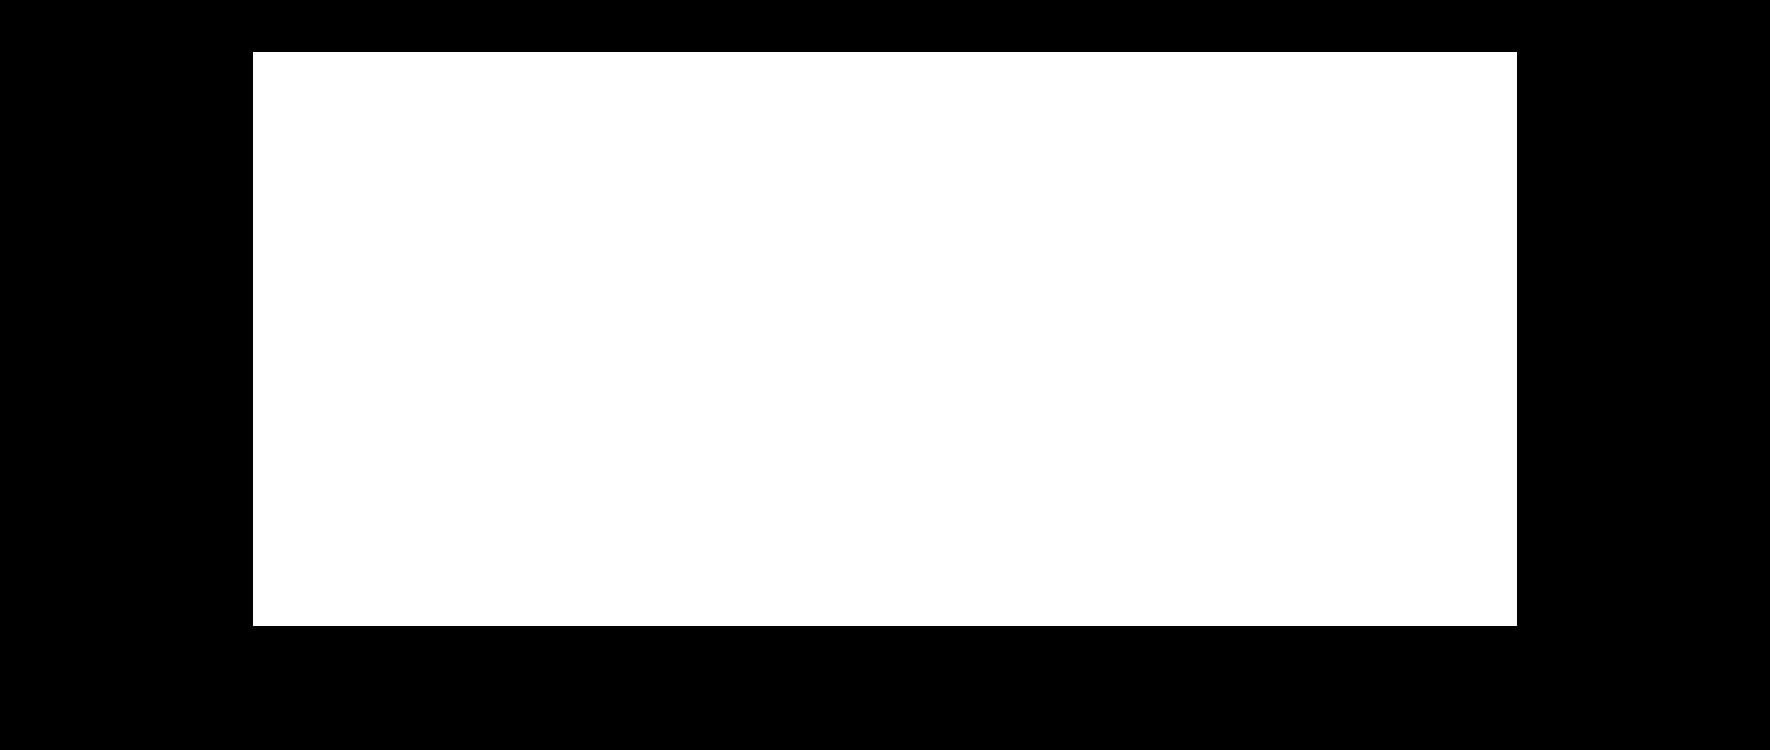 Trust_handshake-7